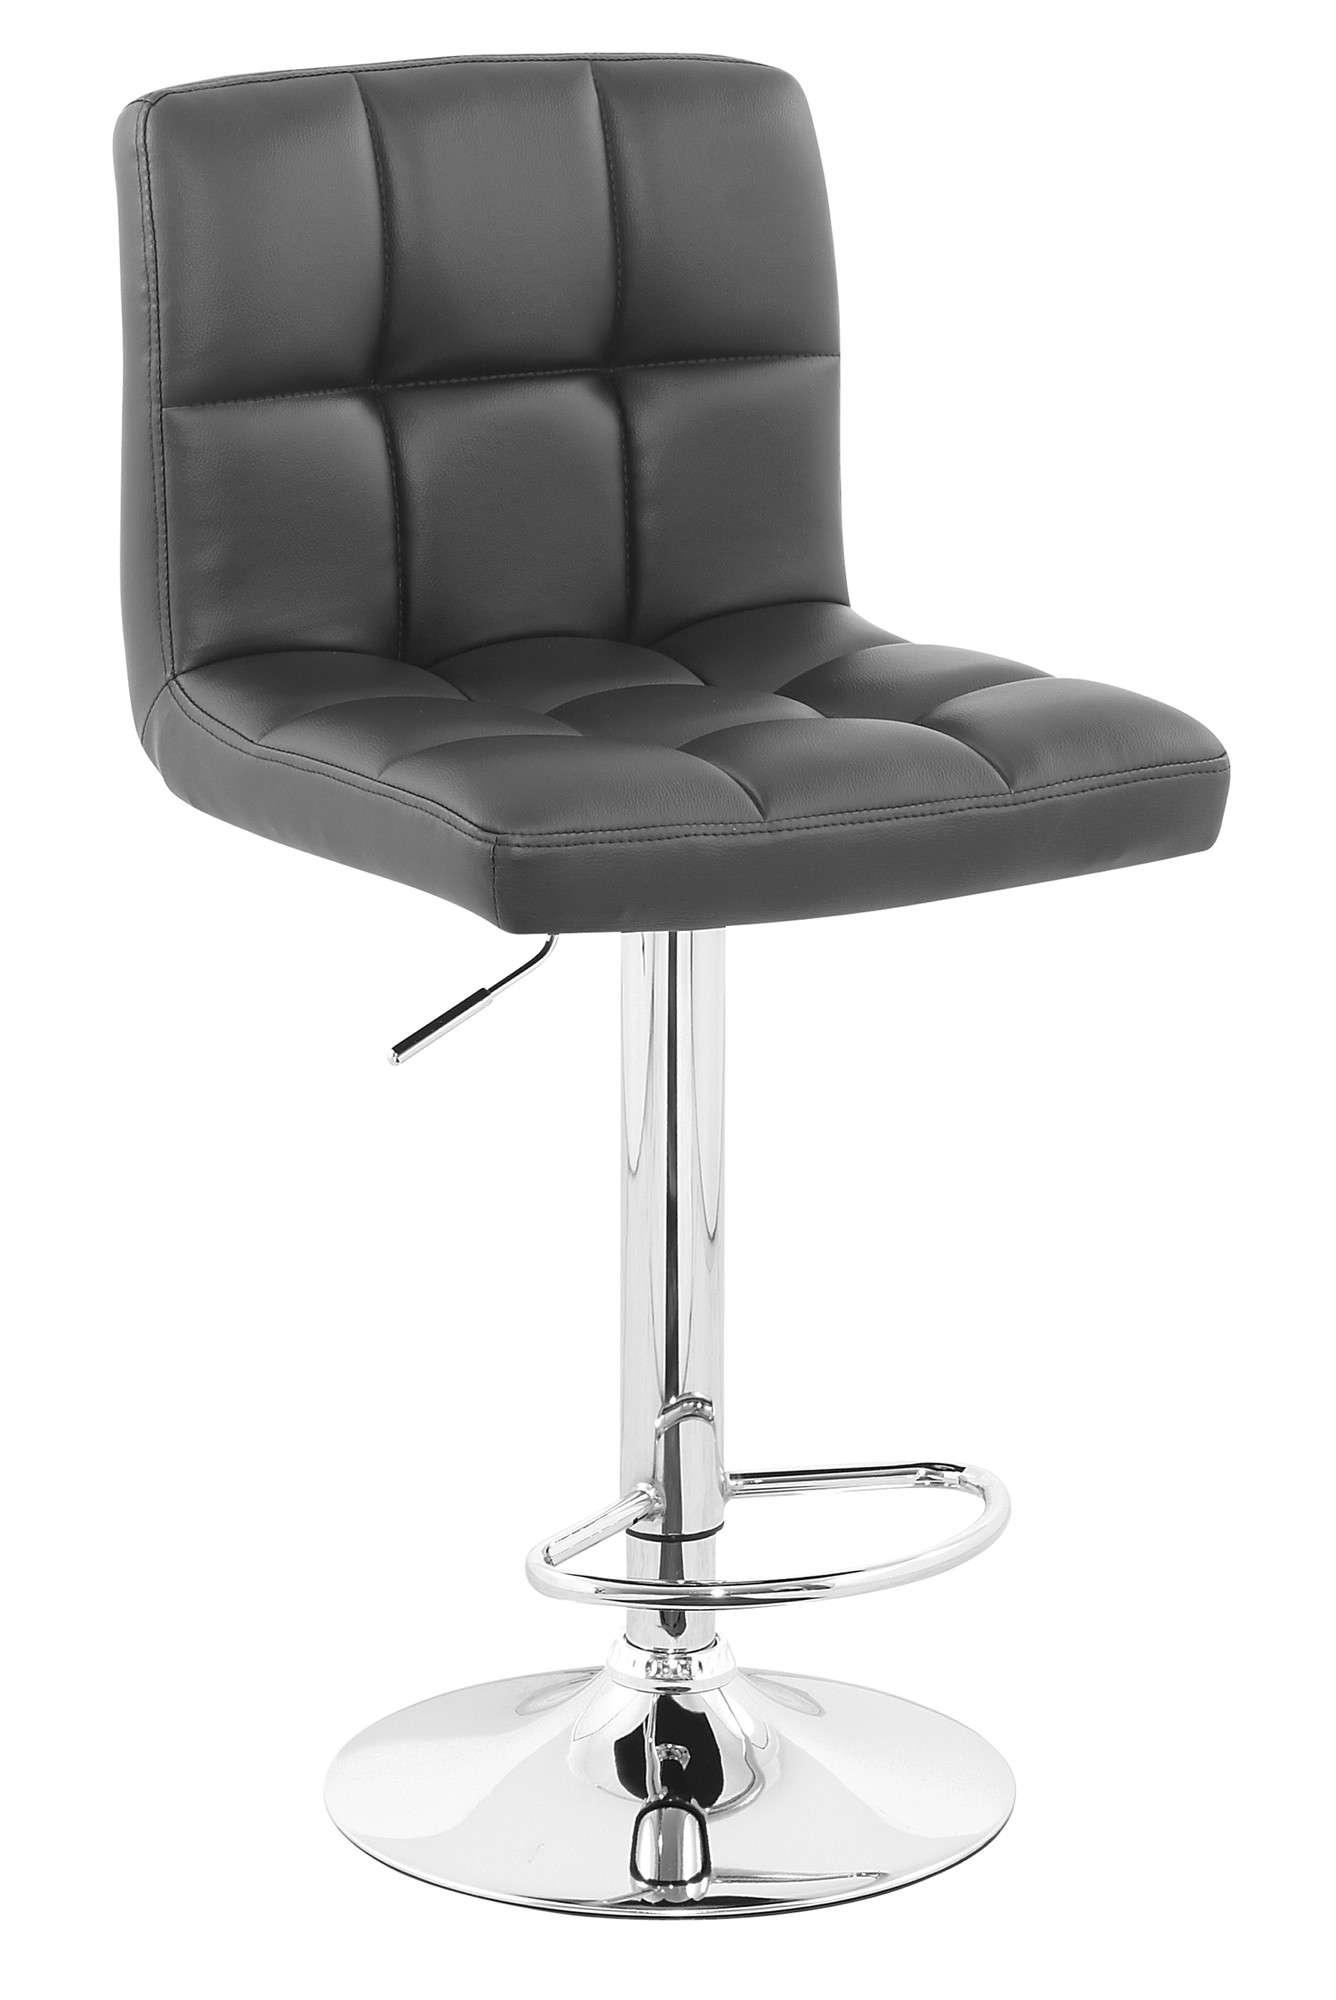 Set 2 sillas banco para cocina barra ajustable cromado vv4 for Sillas barra cocina